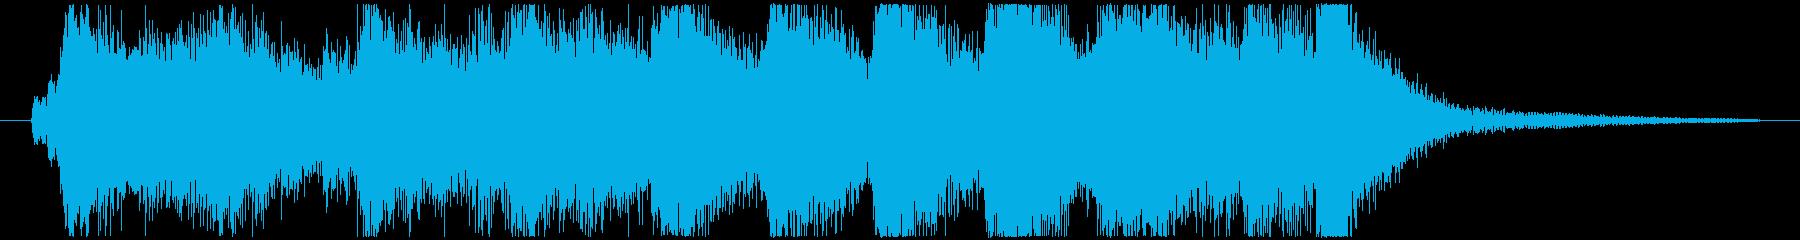 アドベンチャーな雰囲気のオーケストラ_Aの再生済みの波形